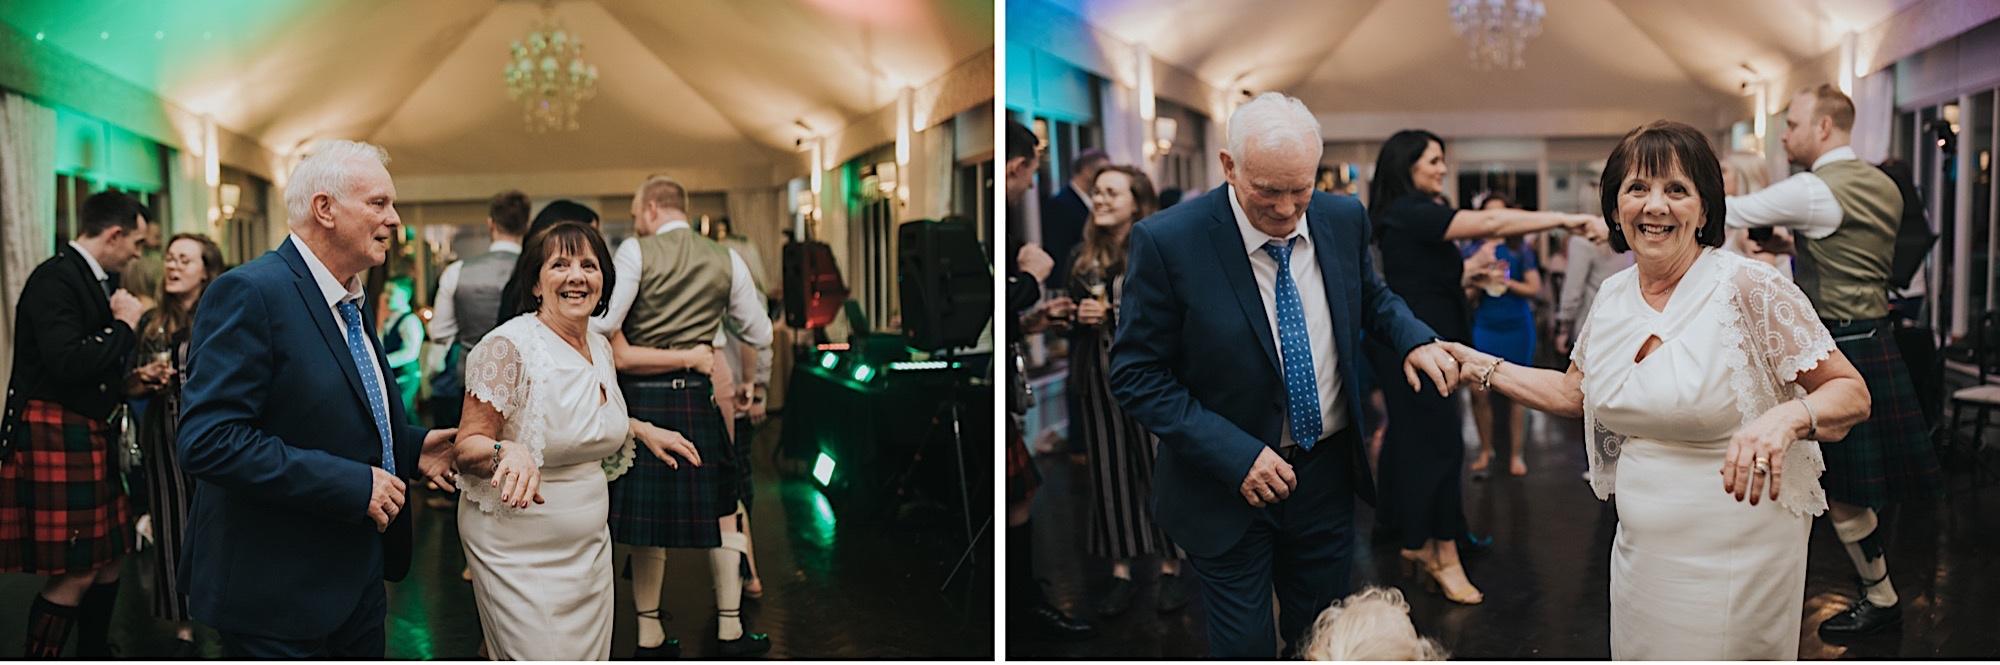 carlowrie castle wedding photos